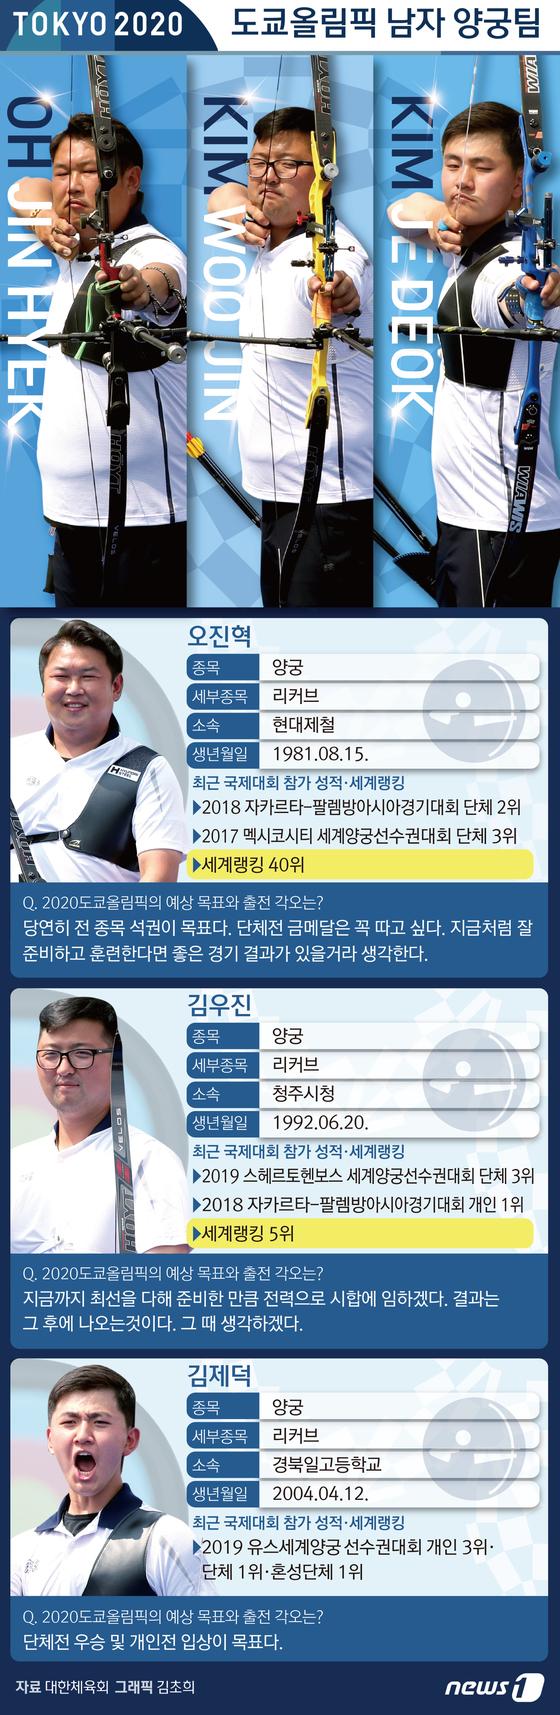 [그래픽뉴스]도쿄를 빛낼 스타 - 남자 양궁팀